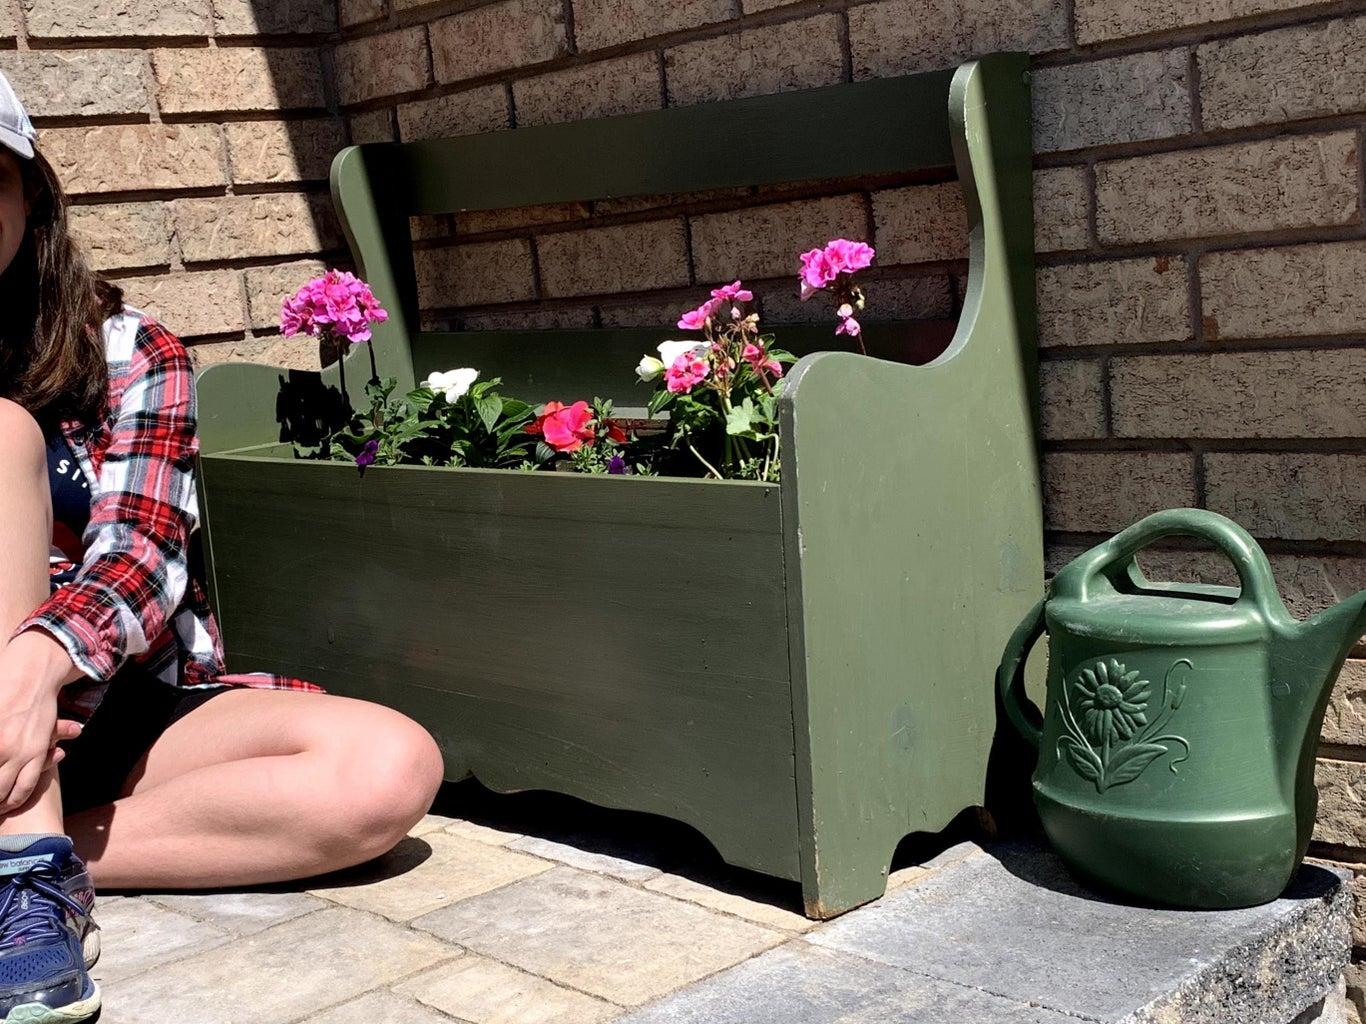 Making It a Planter